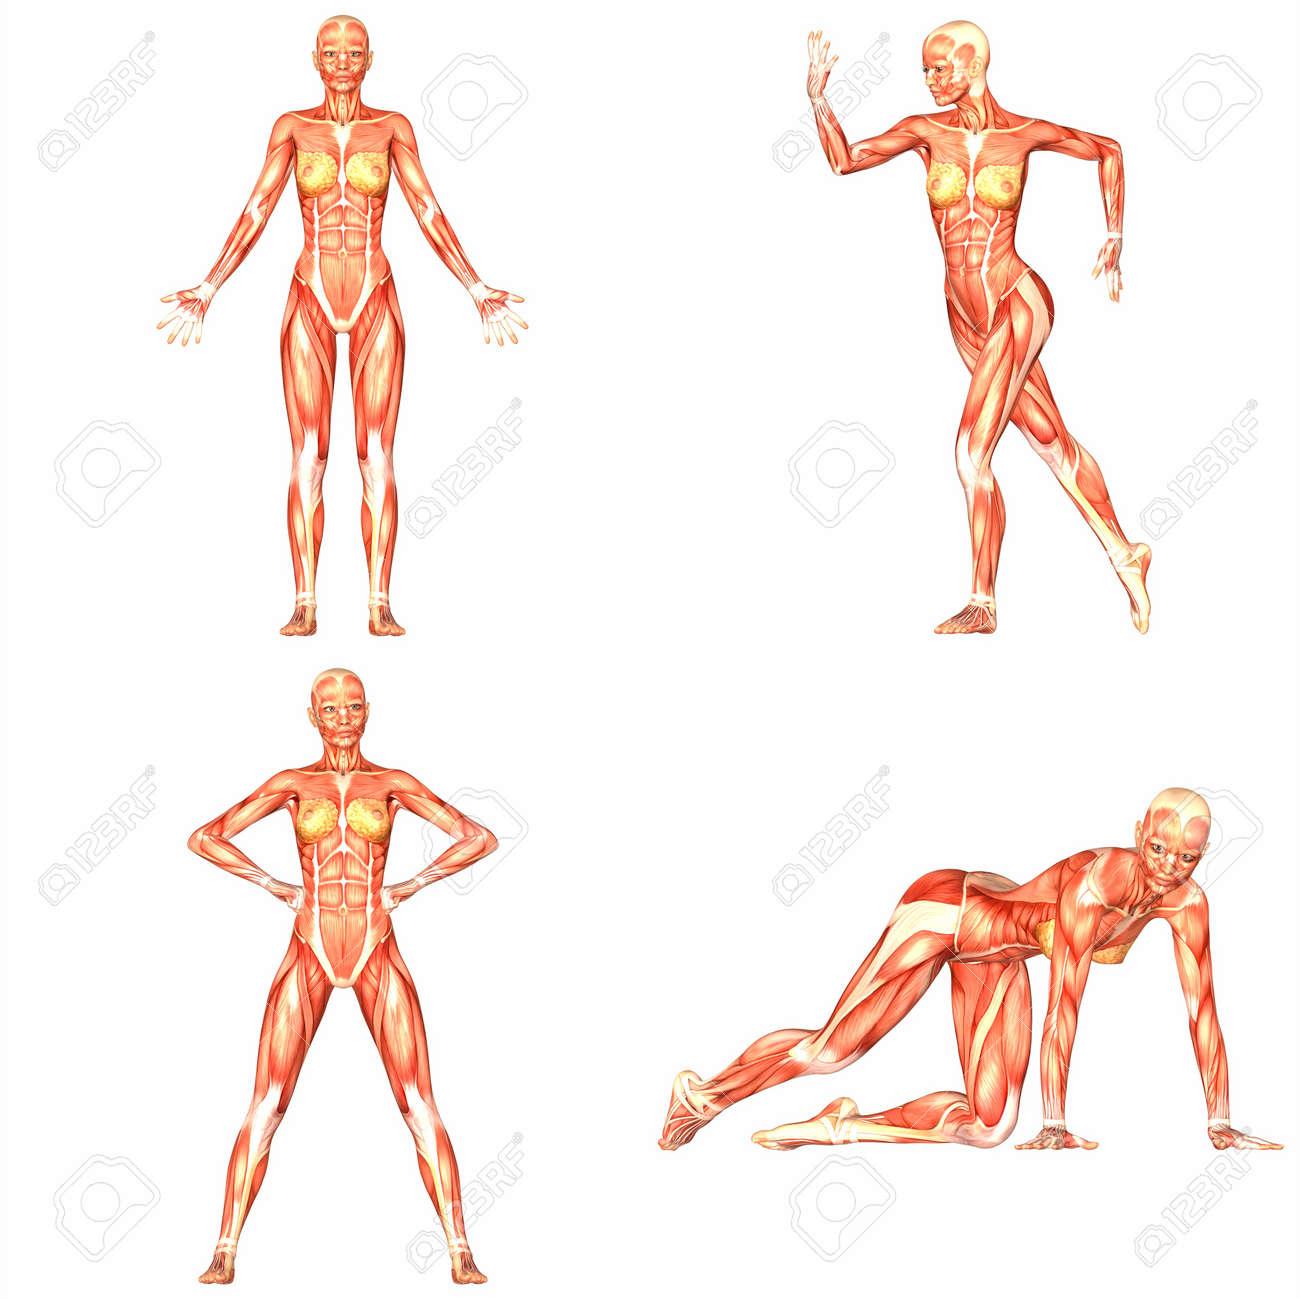 Mujer Paquete De Anatomía Del Cuerpo Humano - 4of5 Fotos, Retratos ...